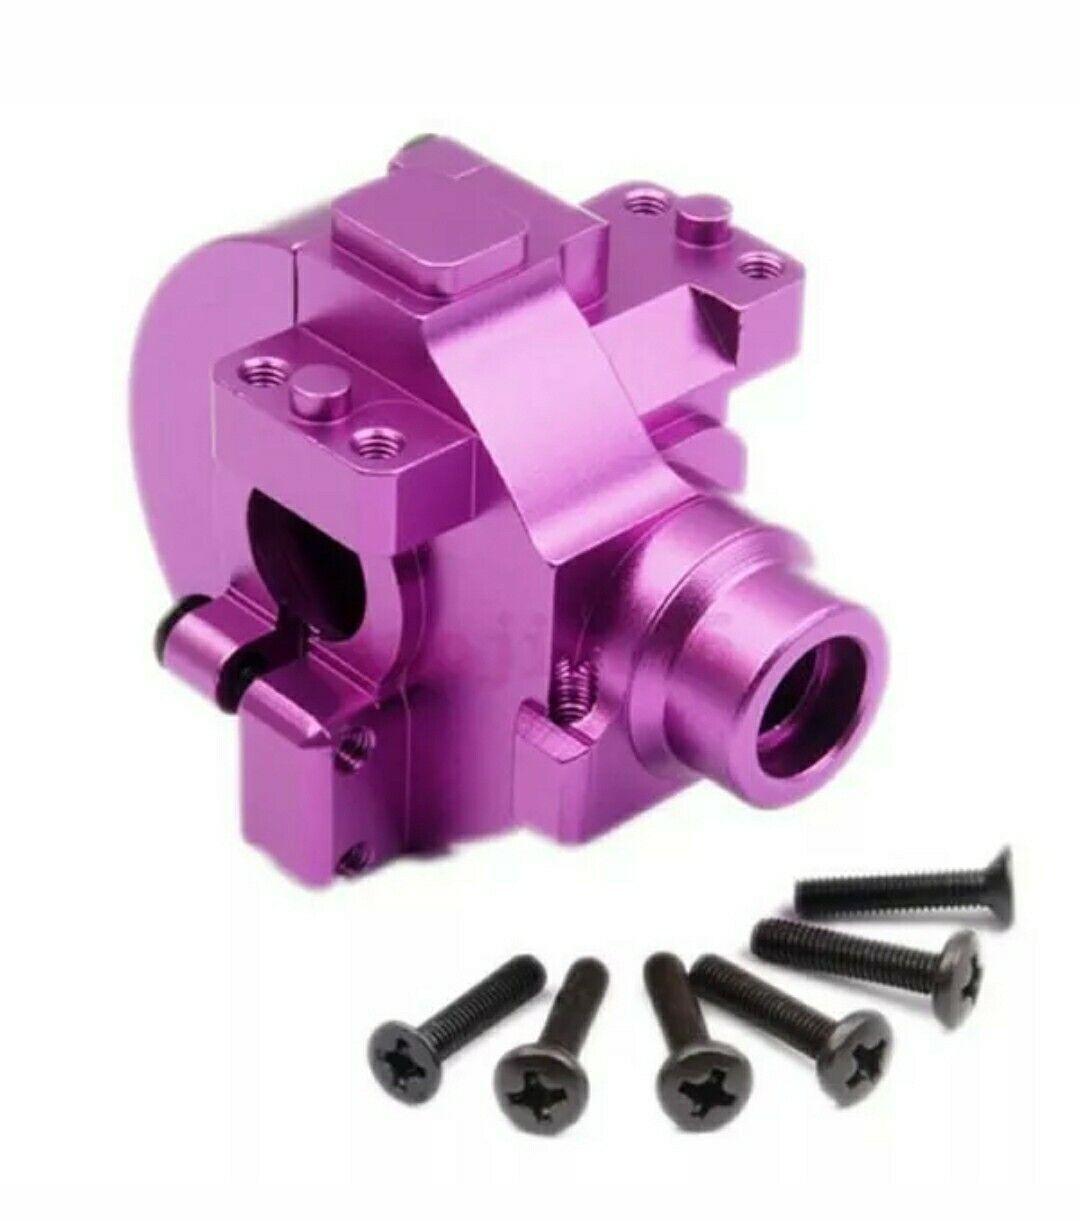 5pcs HSP Metal Gear Box 17T-64T For RC 1//10 HSP 94111 94107 94123 RC Car Parts